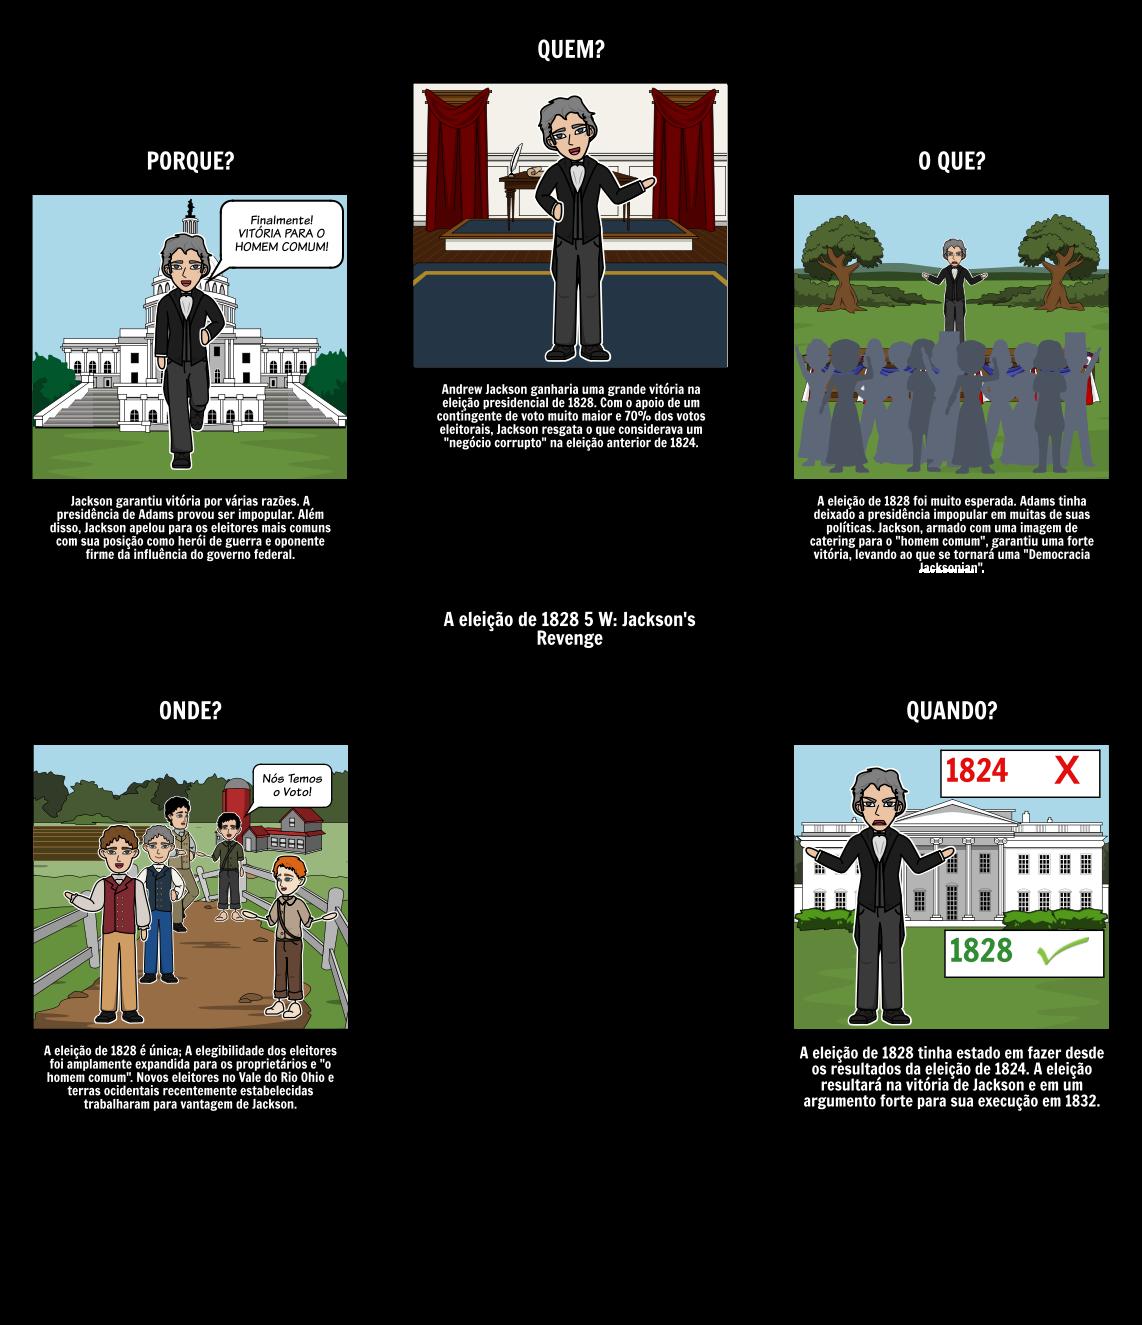 A eleição de 1828: Vitória de Jackson